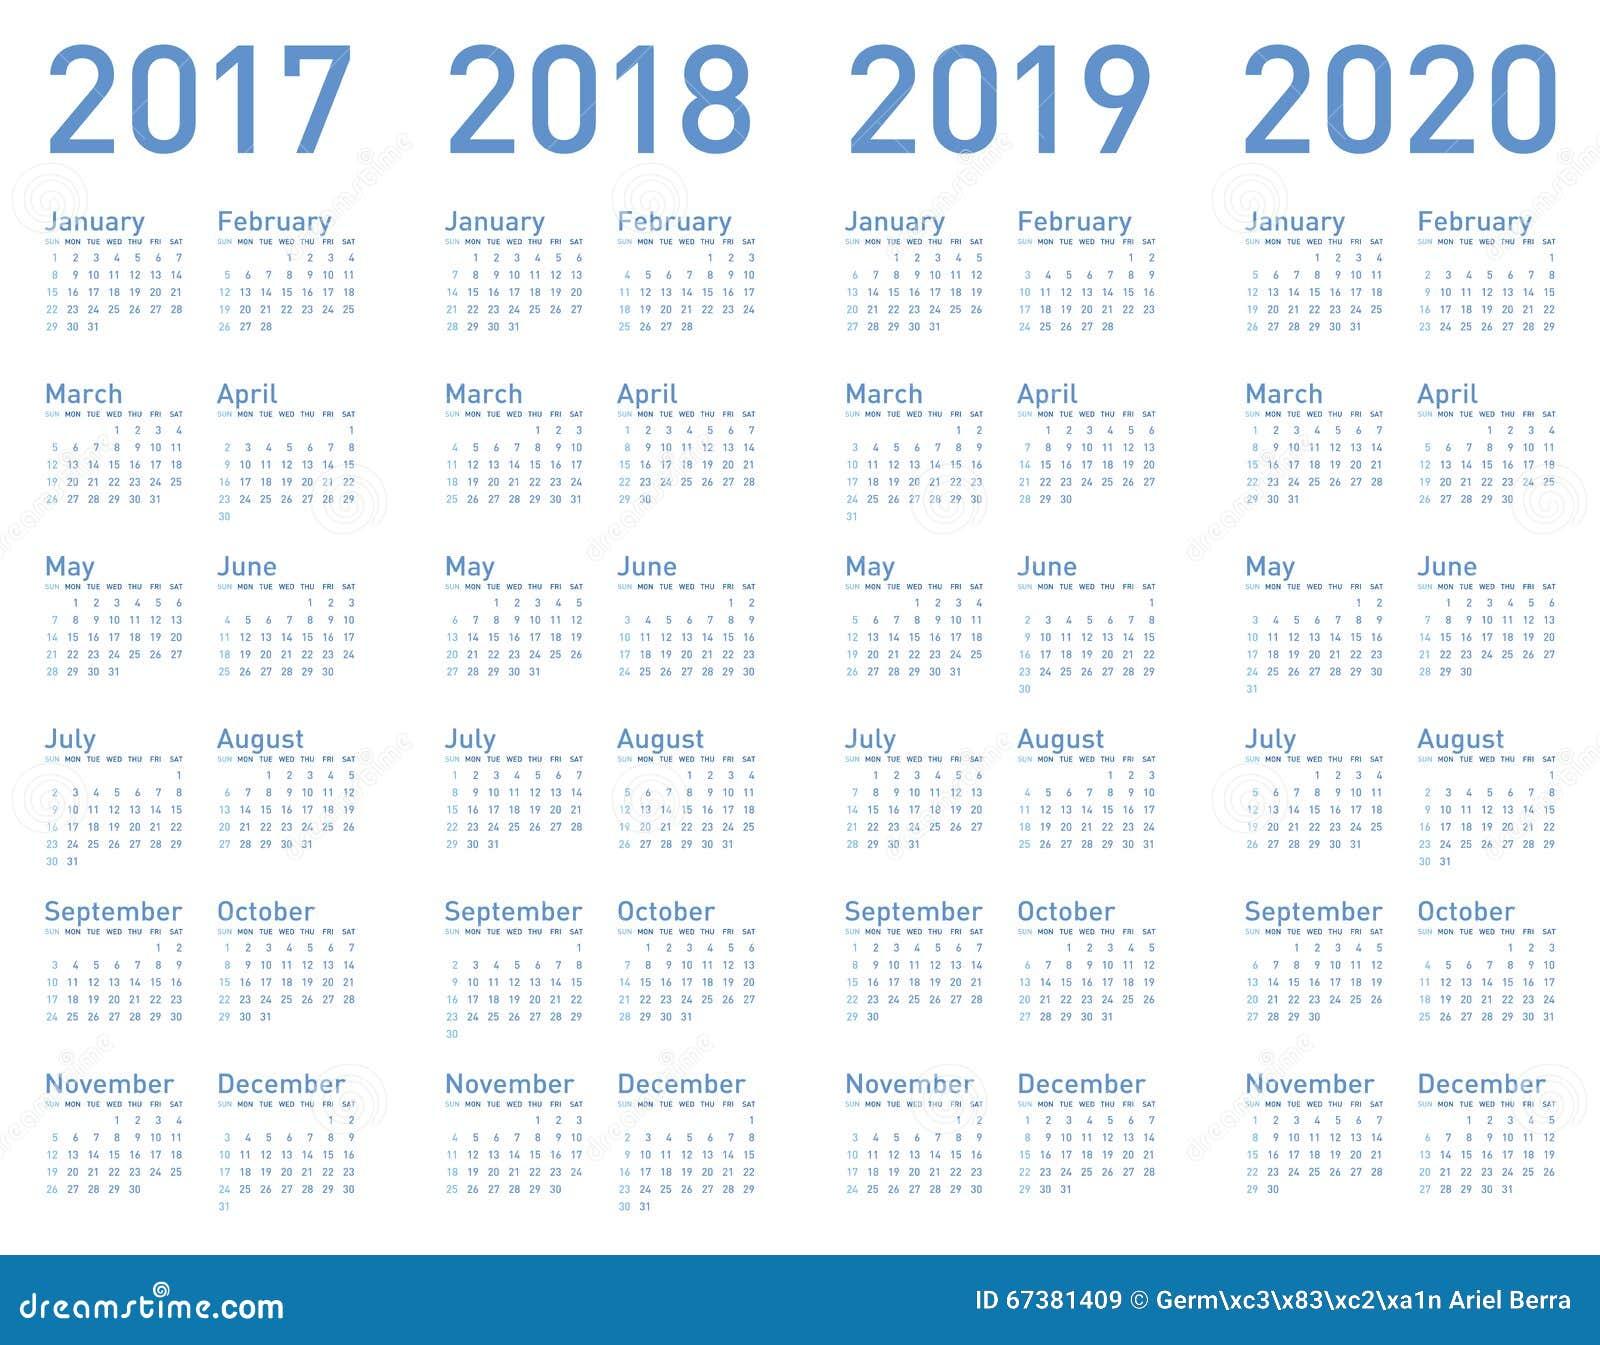 ... 2017, 2018, 2019 Et 2020 Illustration de Vecteur - Image: 67381409